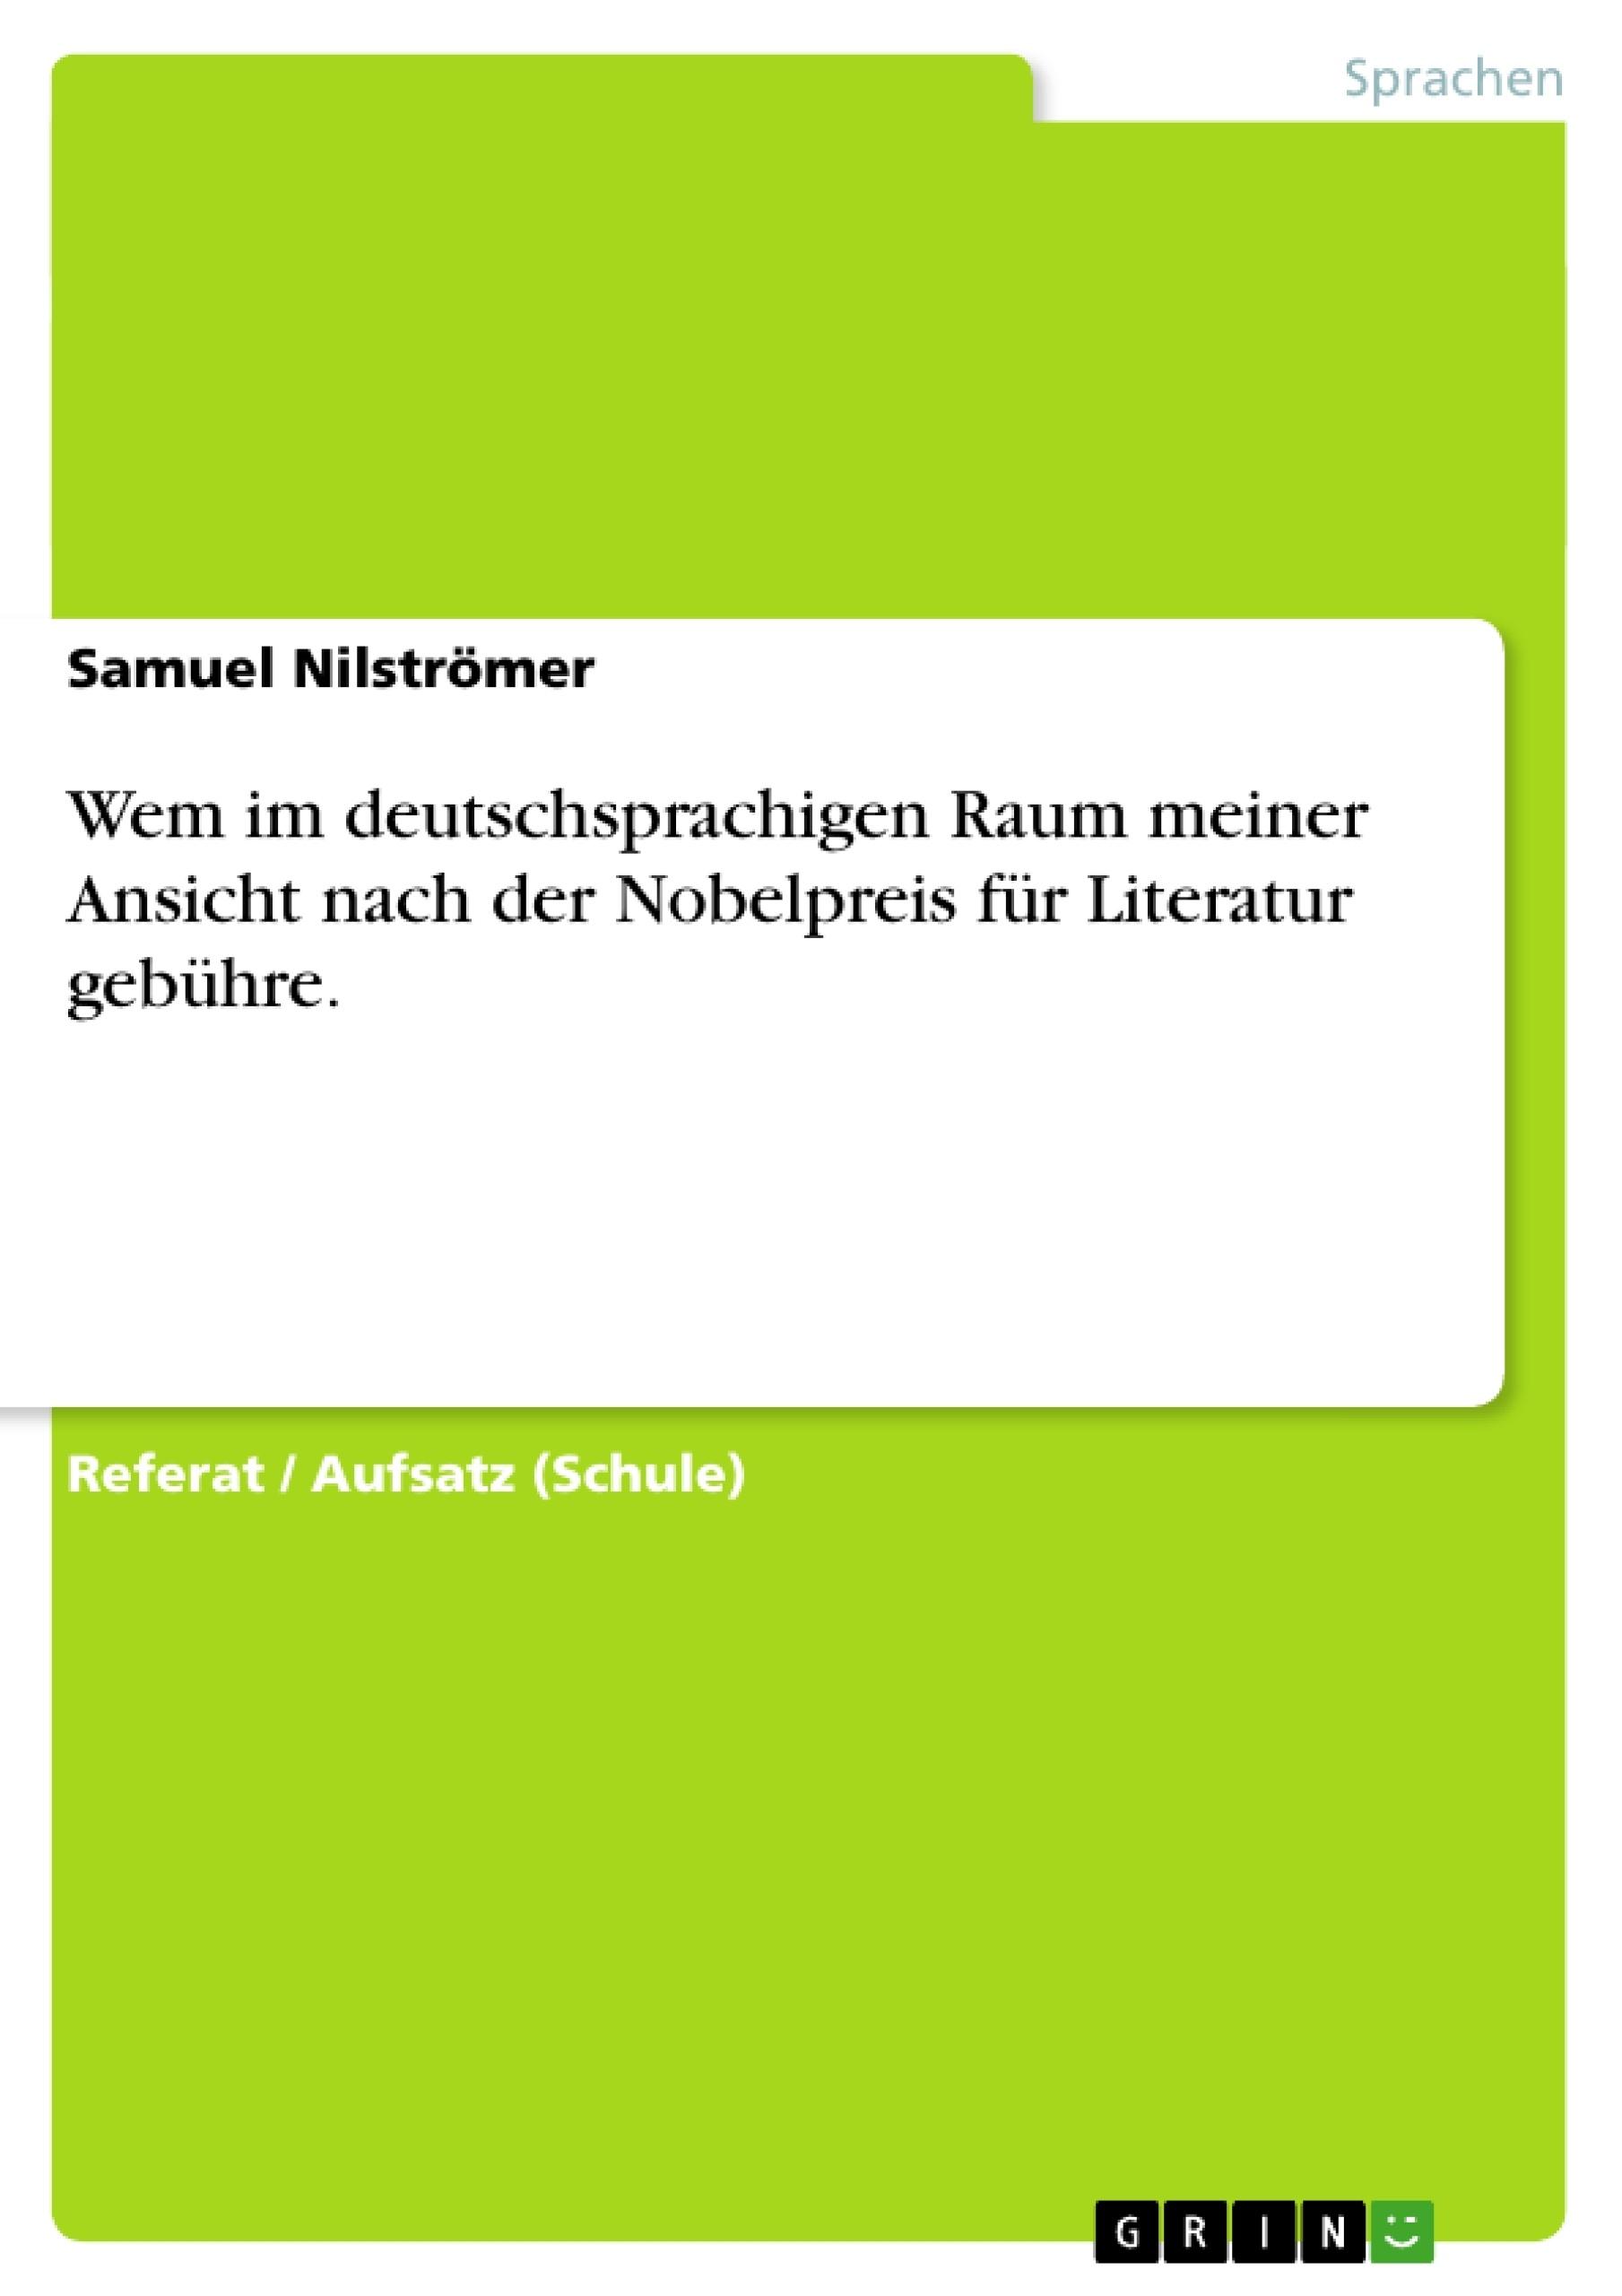 Titel: Wem im deutschsprachigen Raum meiner Ansicht nach der Nobelpreis für Literatur gebühre.